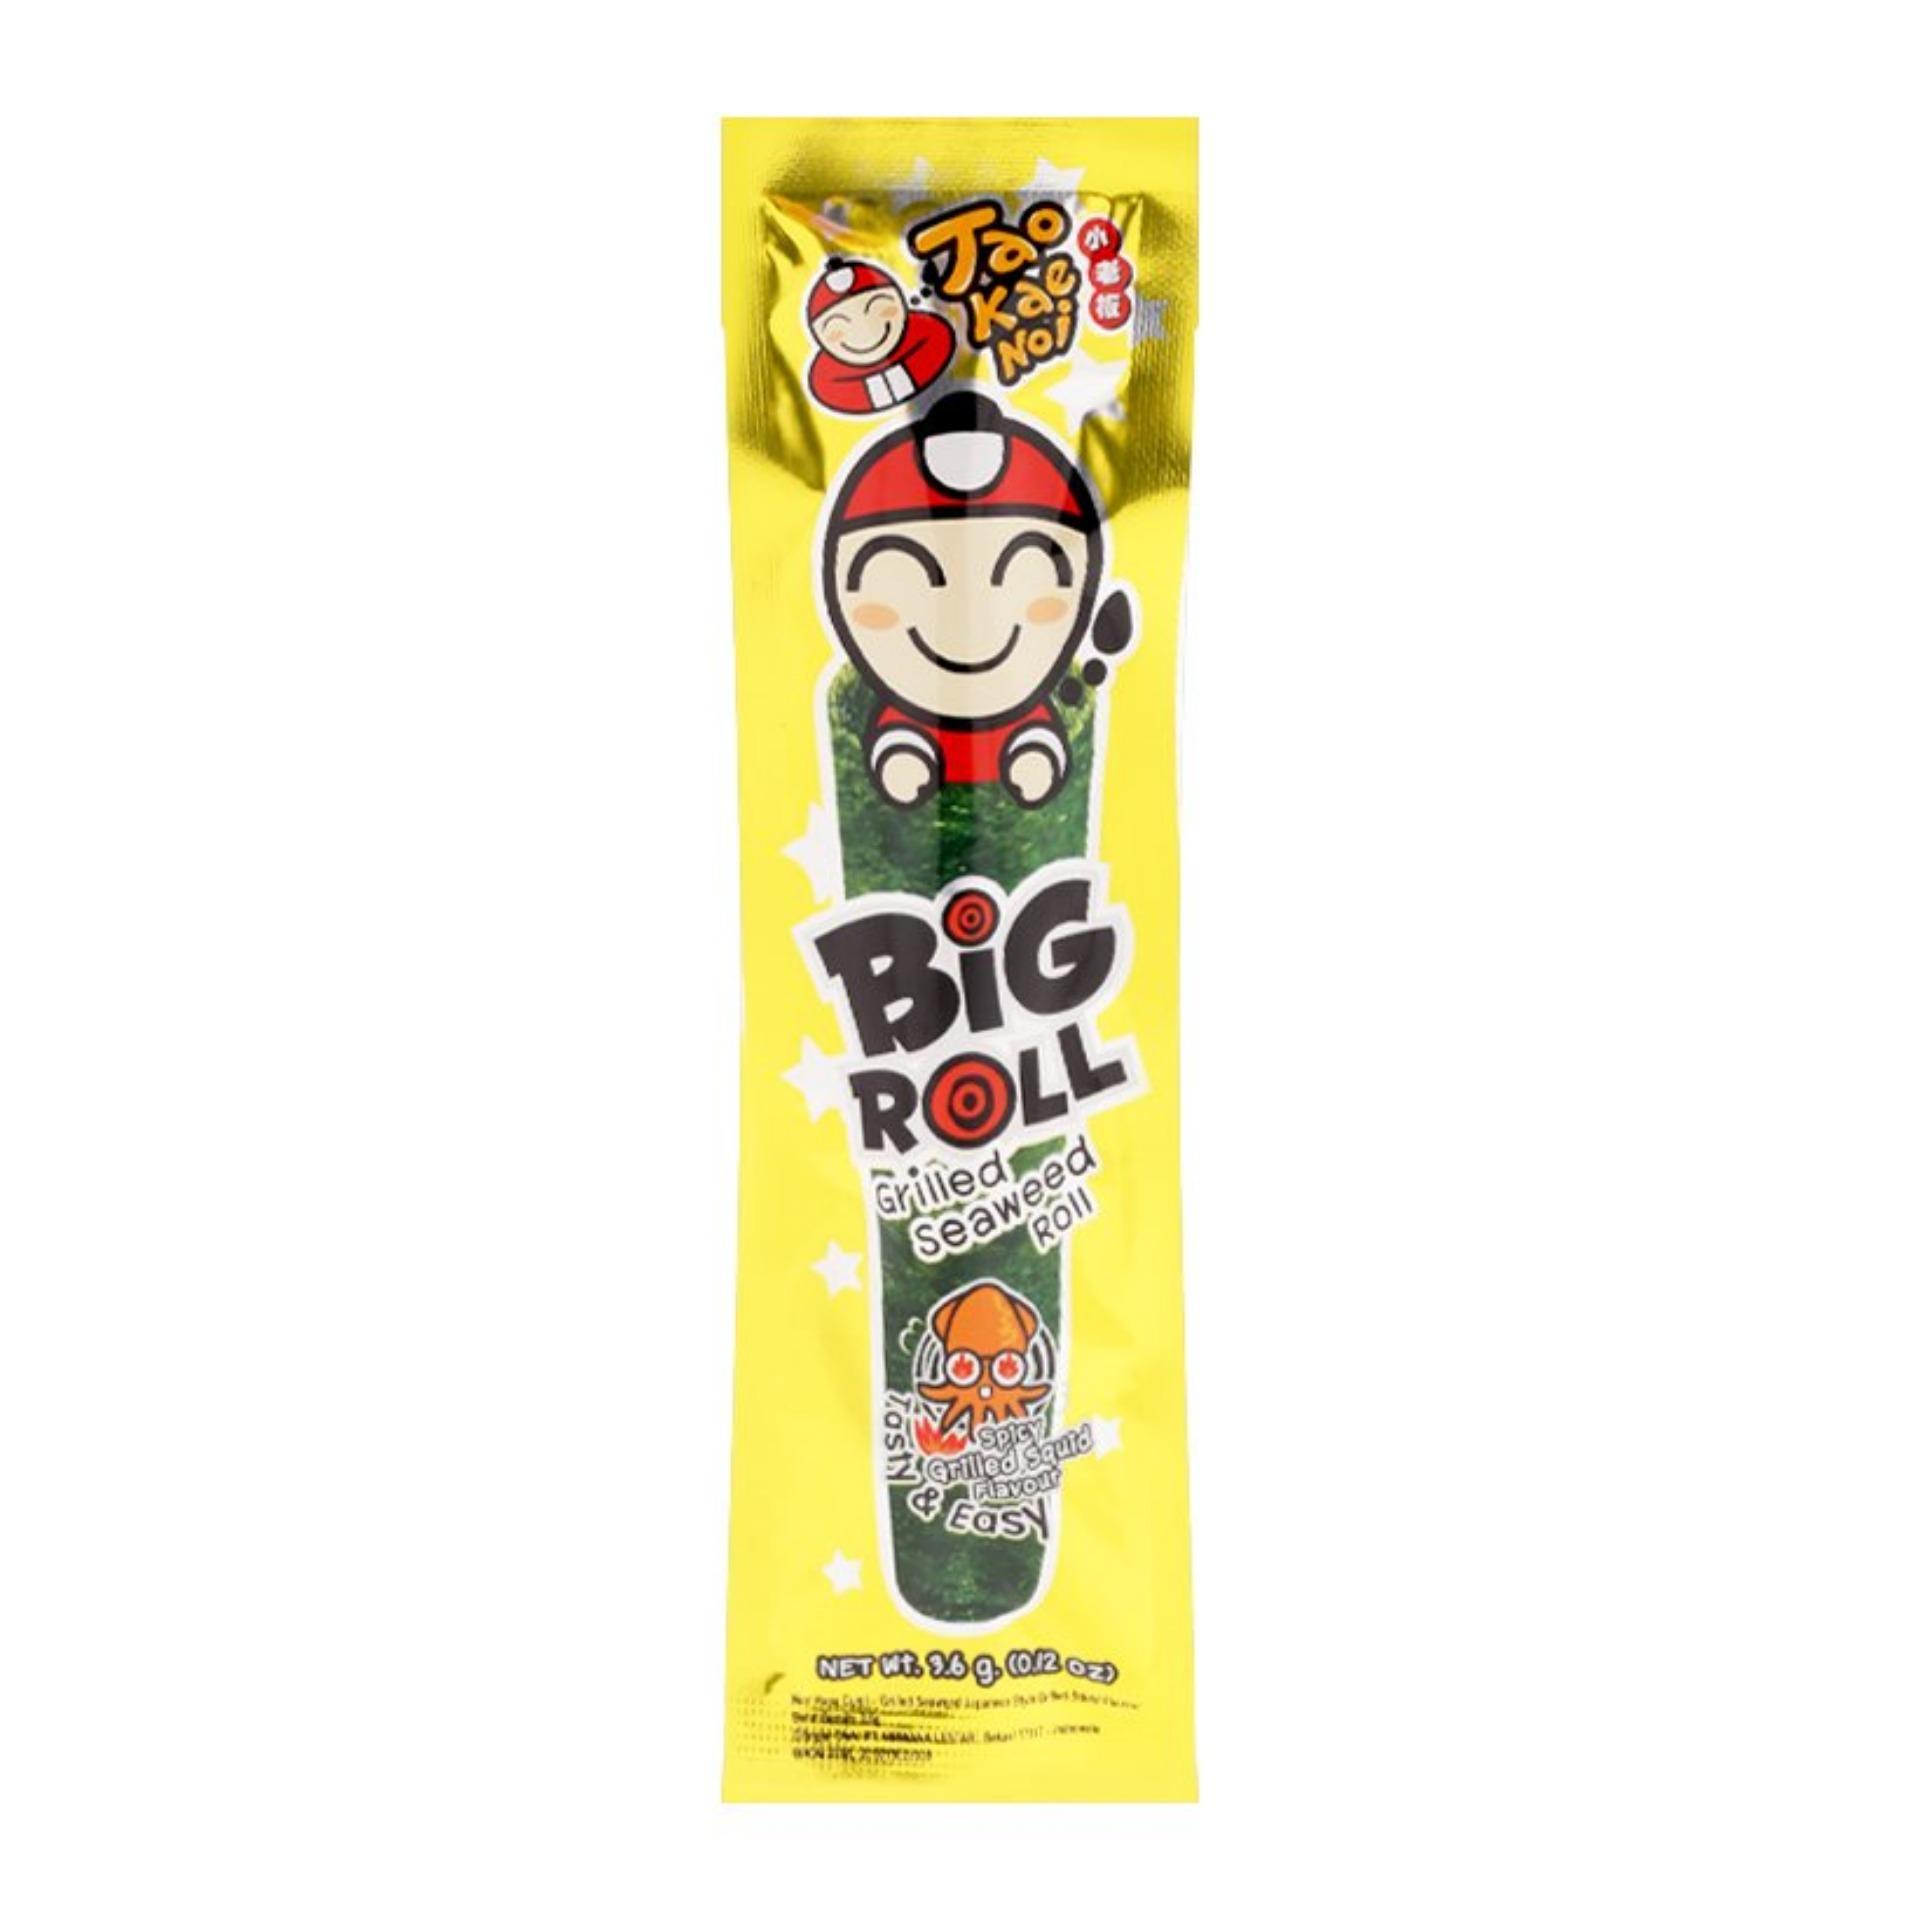 Combo 2 Gói Snack Rong biển Taokaenoi Nướng Big Roll vị Mực 3,6g